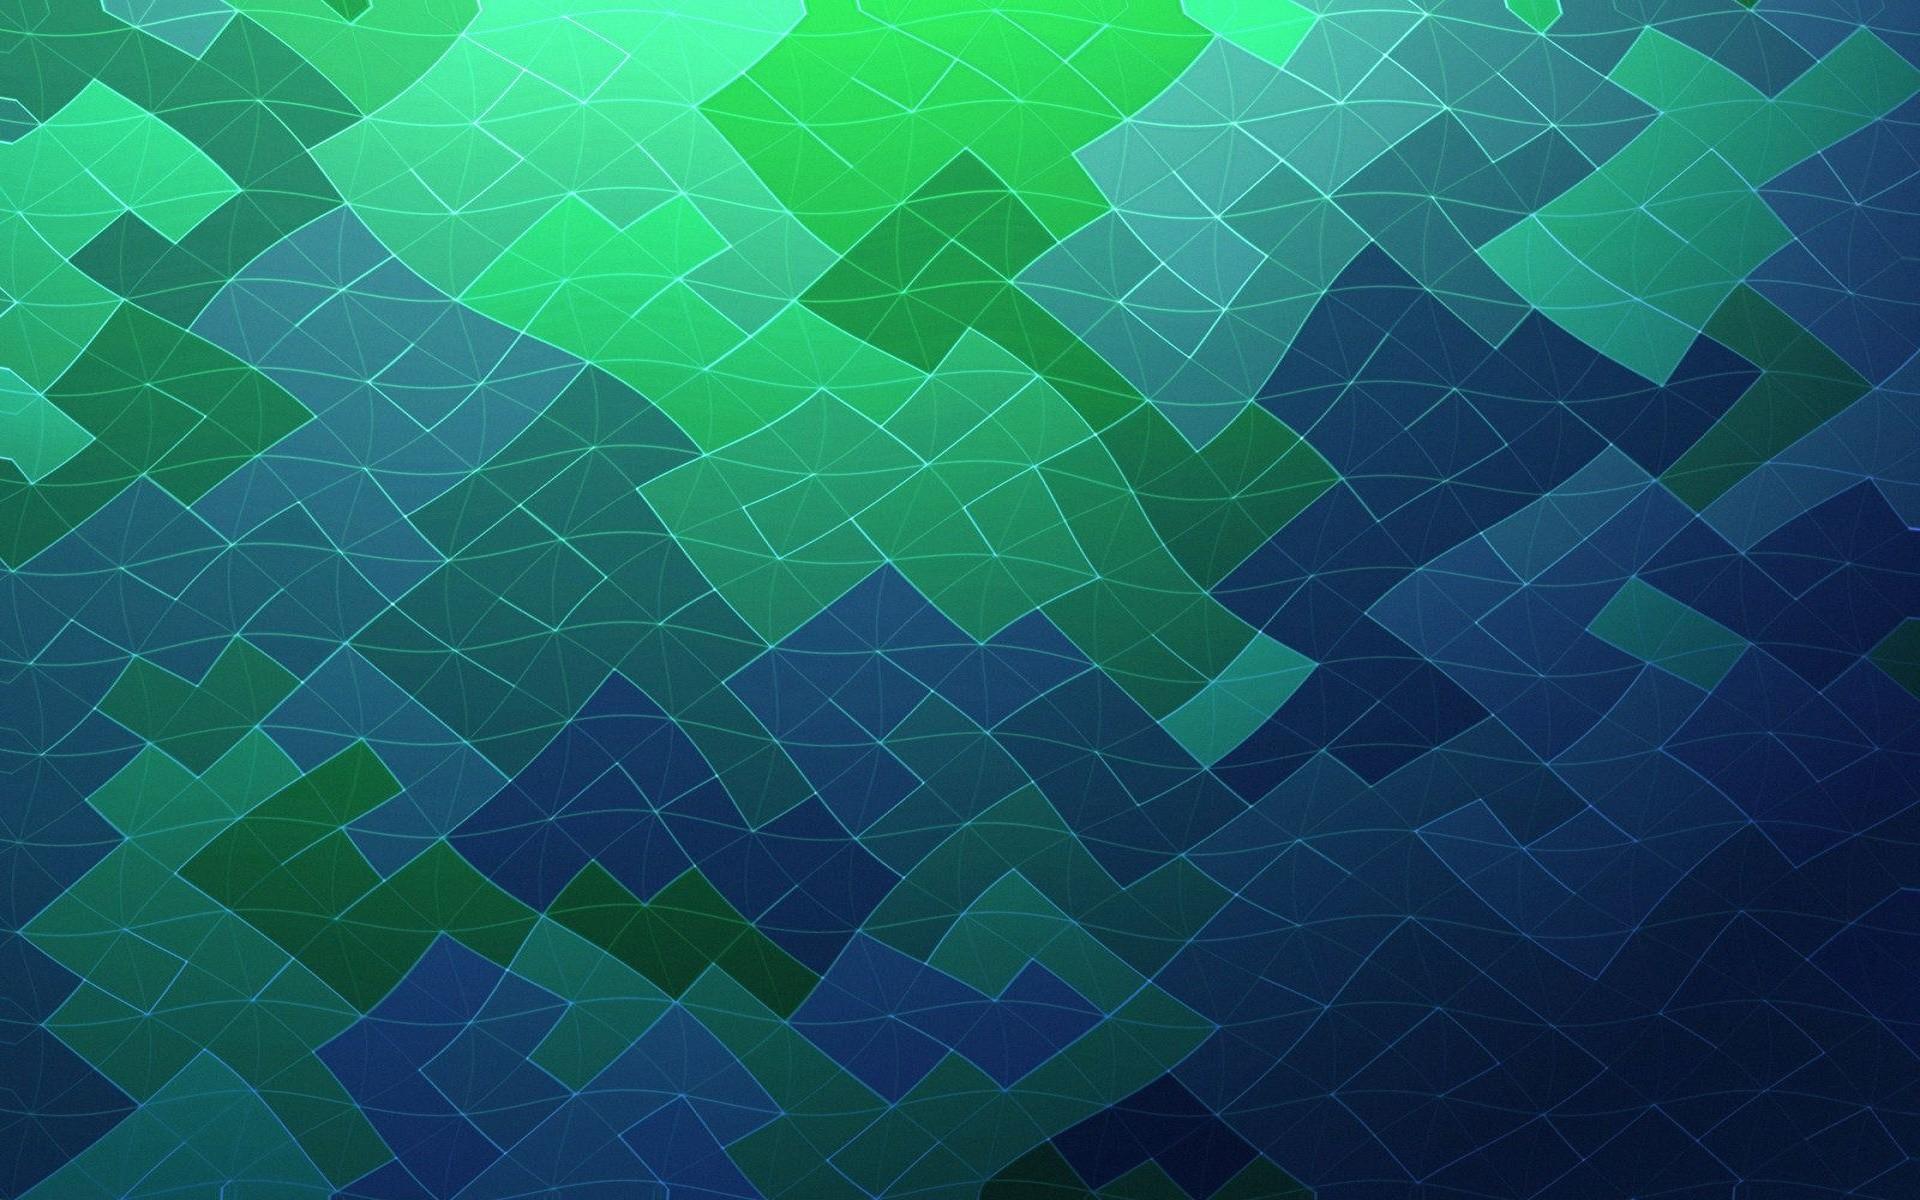 Nexus 6 Backgrounds Desktop Desktop Wallpapers 4k Windows - Window 10 Wallpaper Official , HD Wallpaper & Backgrounds